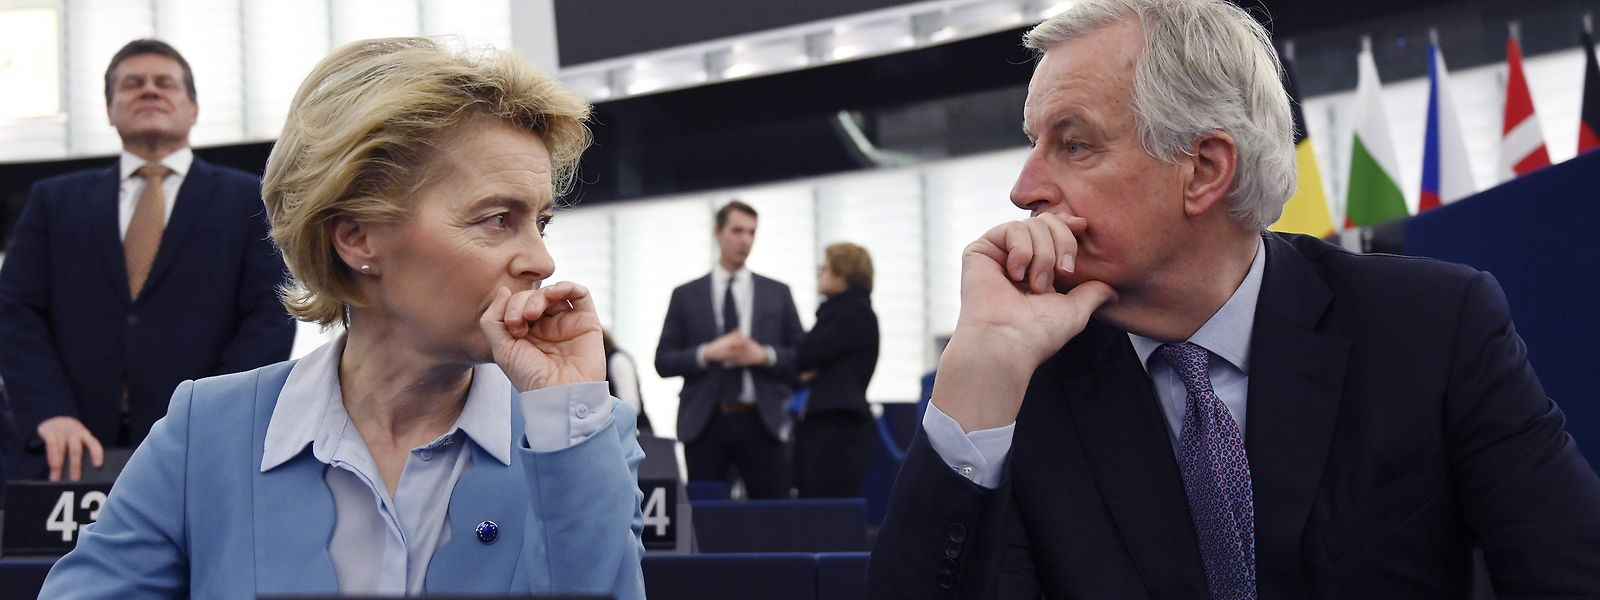 La Présidence de la Commission Ursula von der Leyen et le négociateur en chef de l'UE Michel Barnier sont sur la même longueur d'ondes.